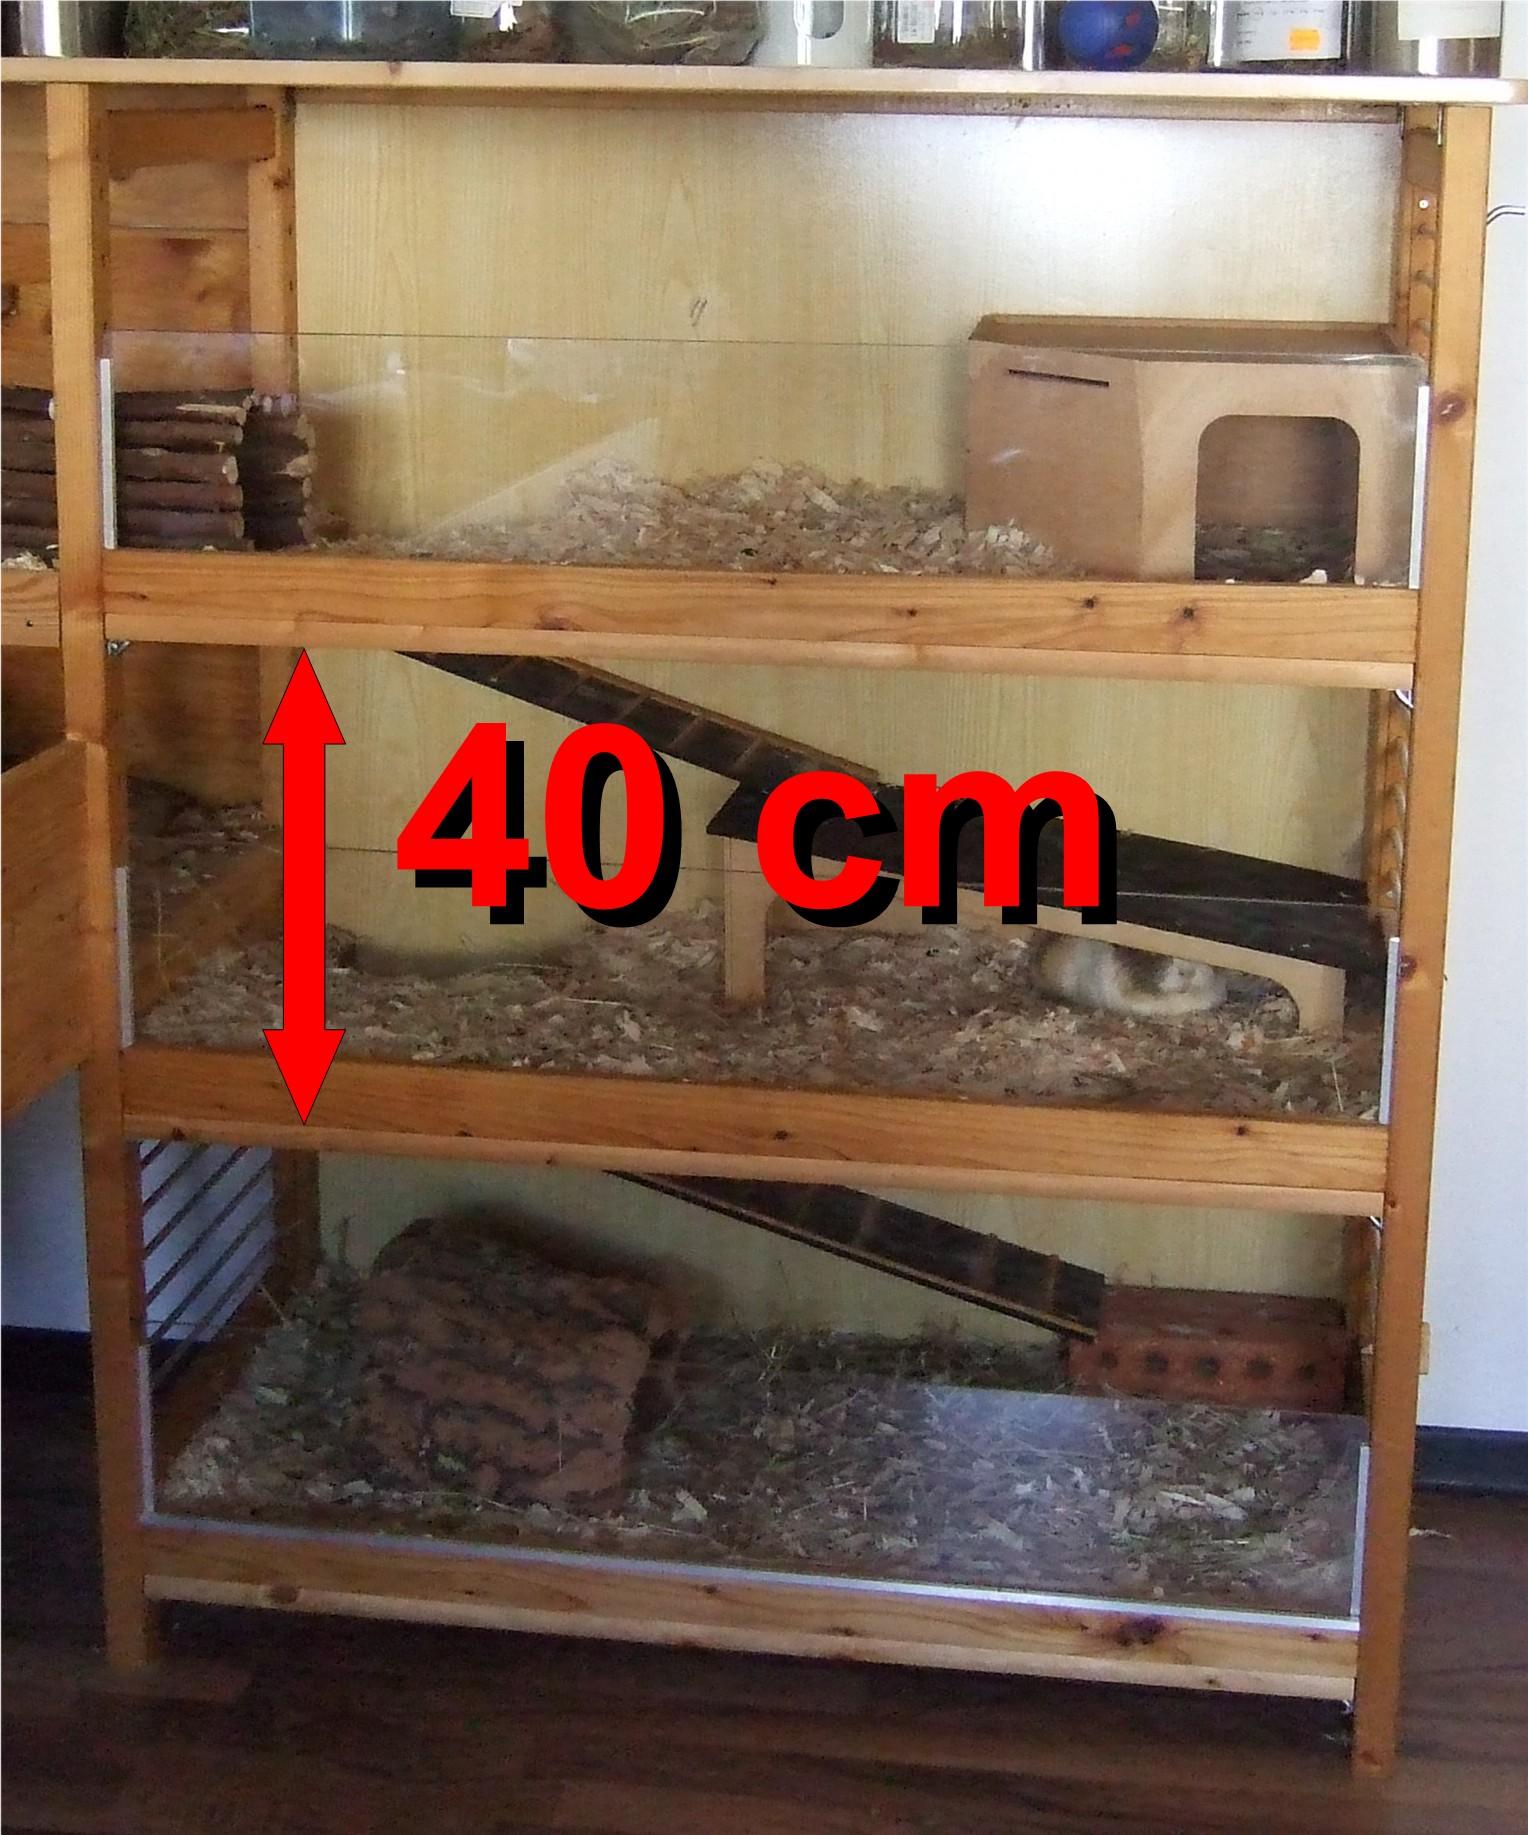 Meerschweinchen Etagenh&oouml;he beim Eigenbau